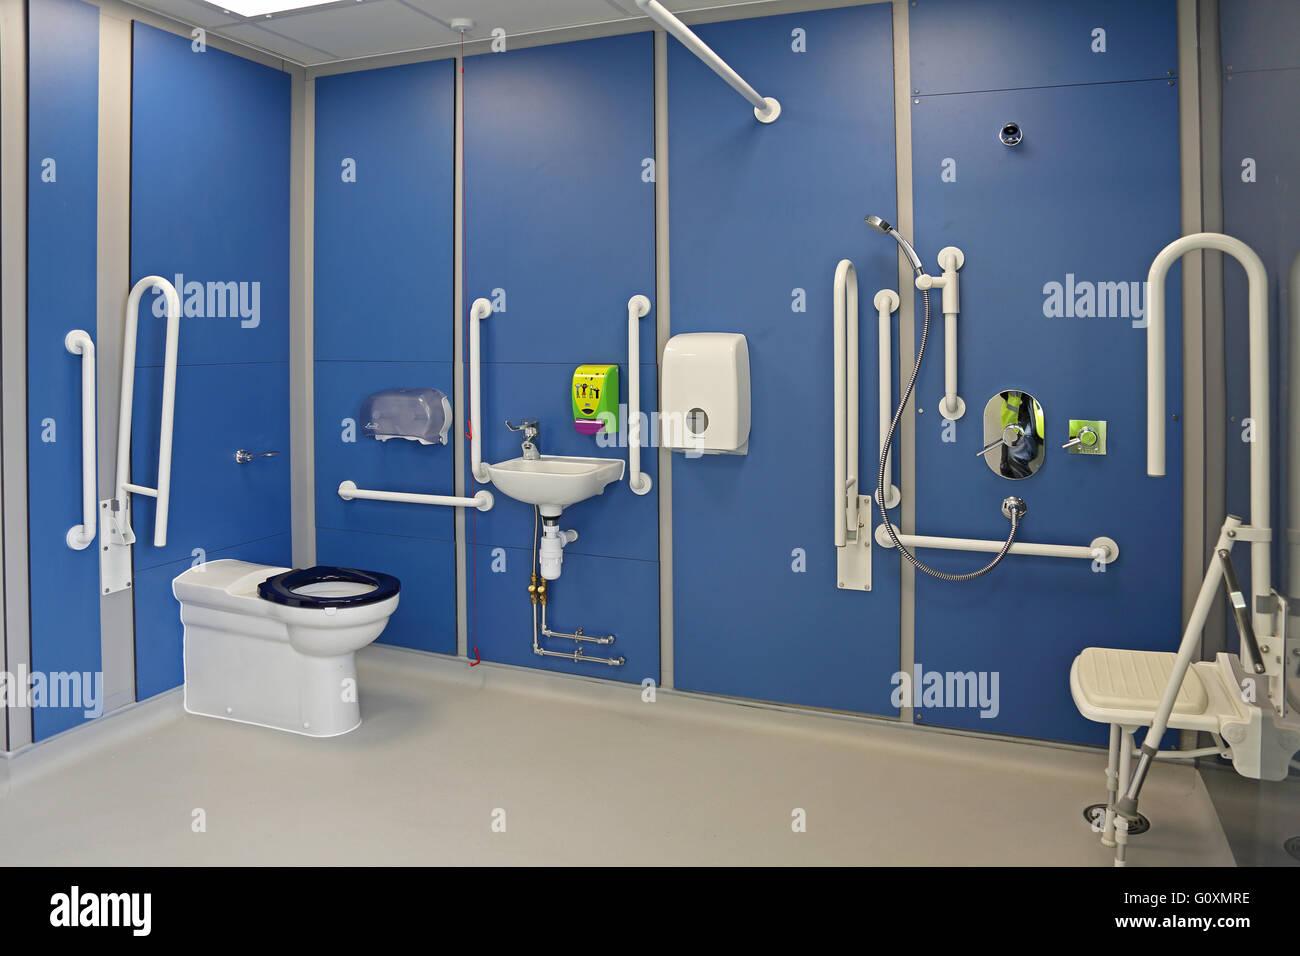 Une salle de douche et toilettes pour handicapés dans une école